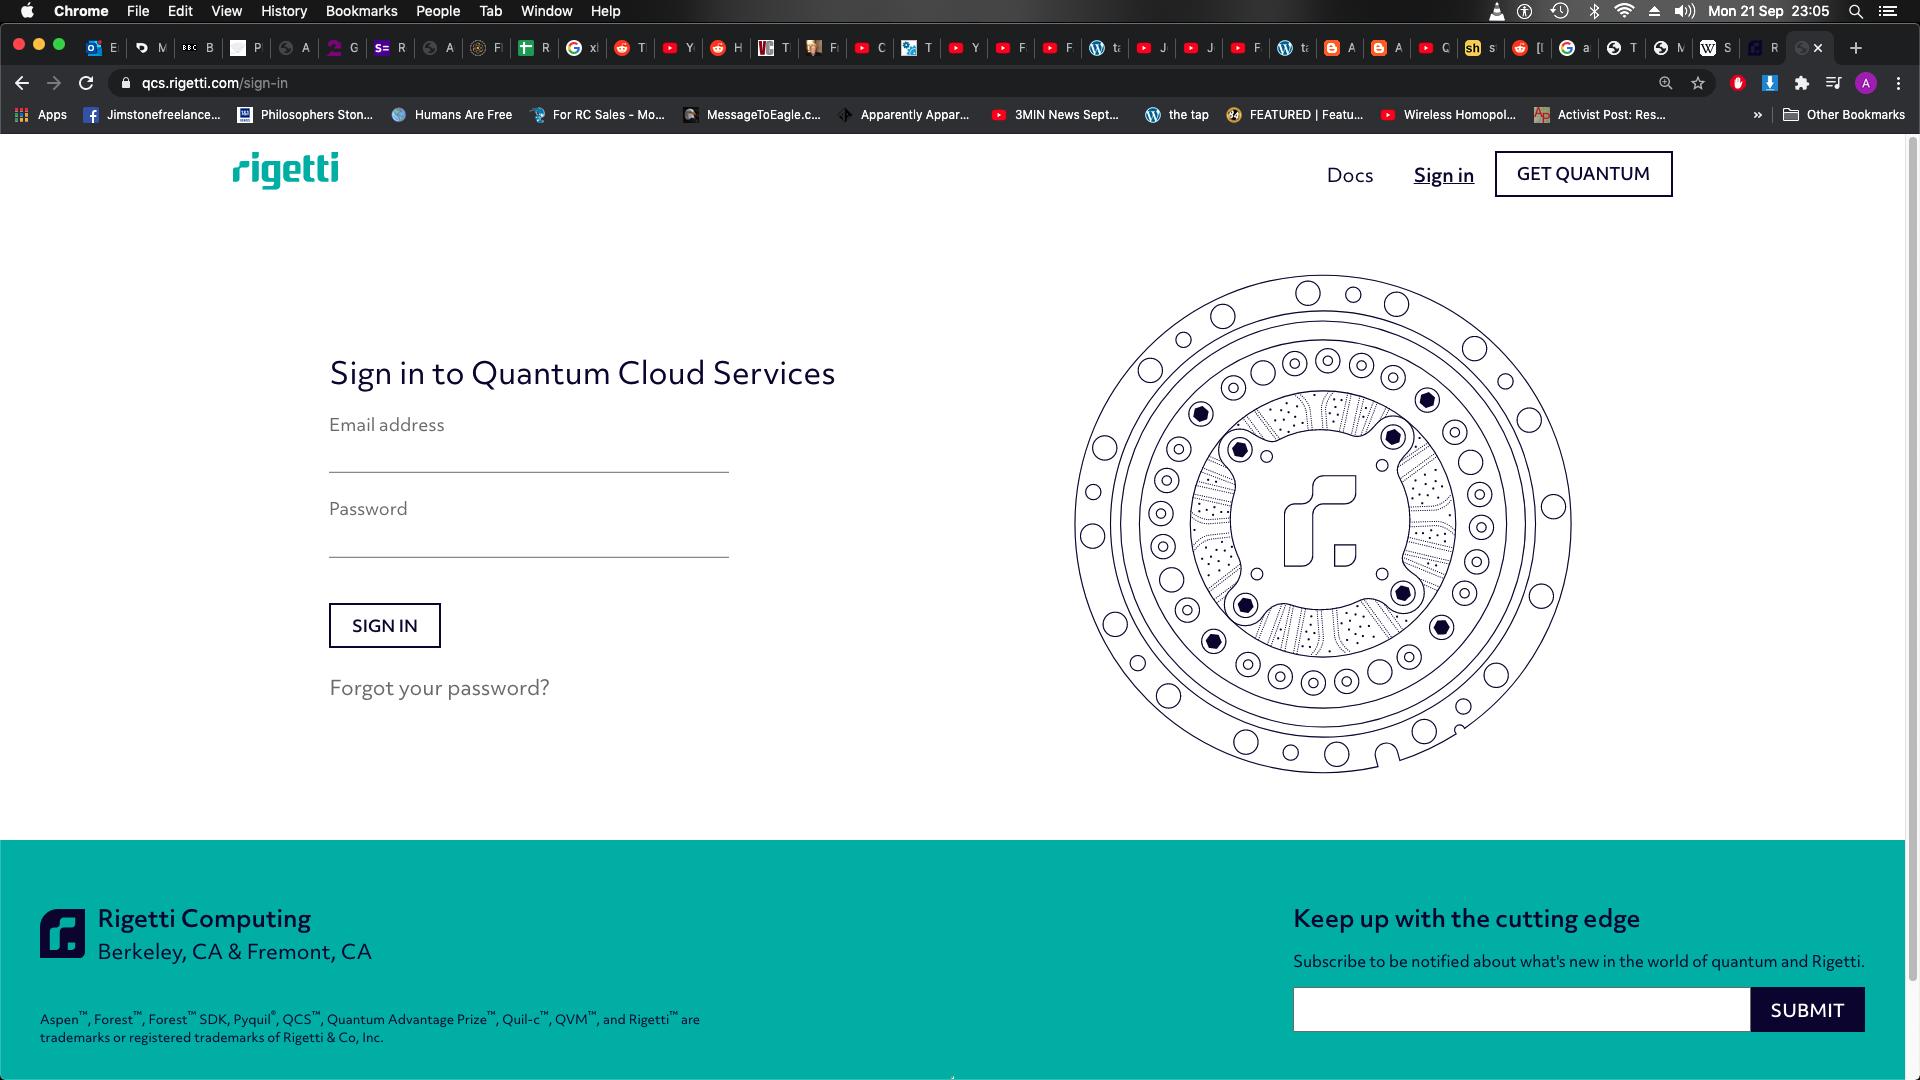 Screenshot 2020-09-21 at 23.05.51.png